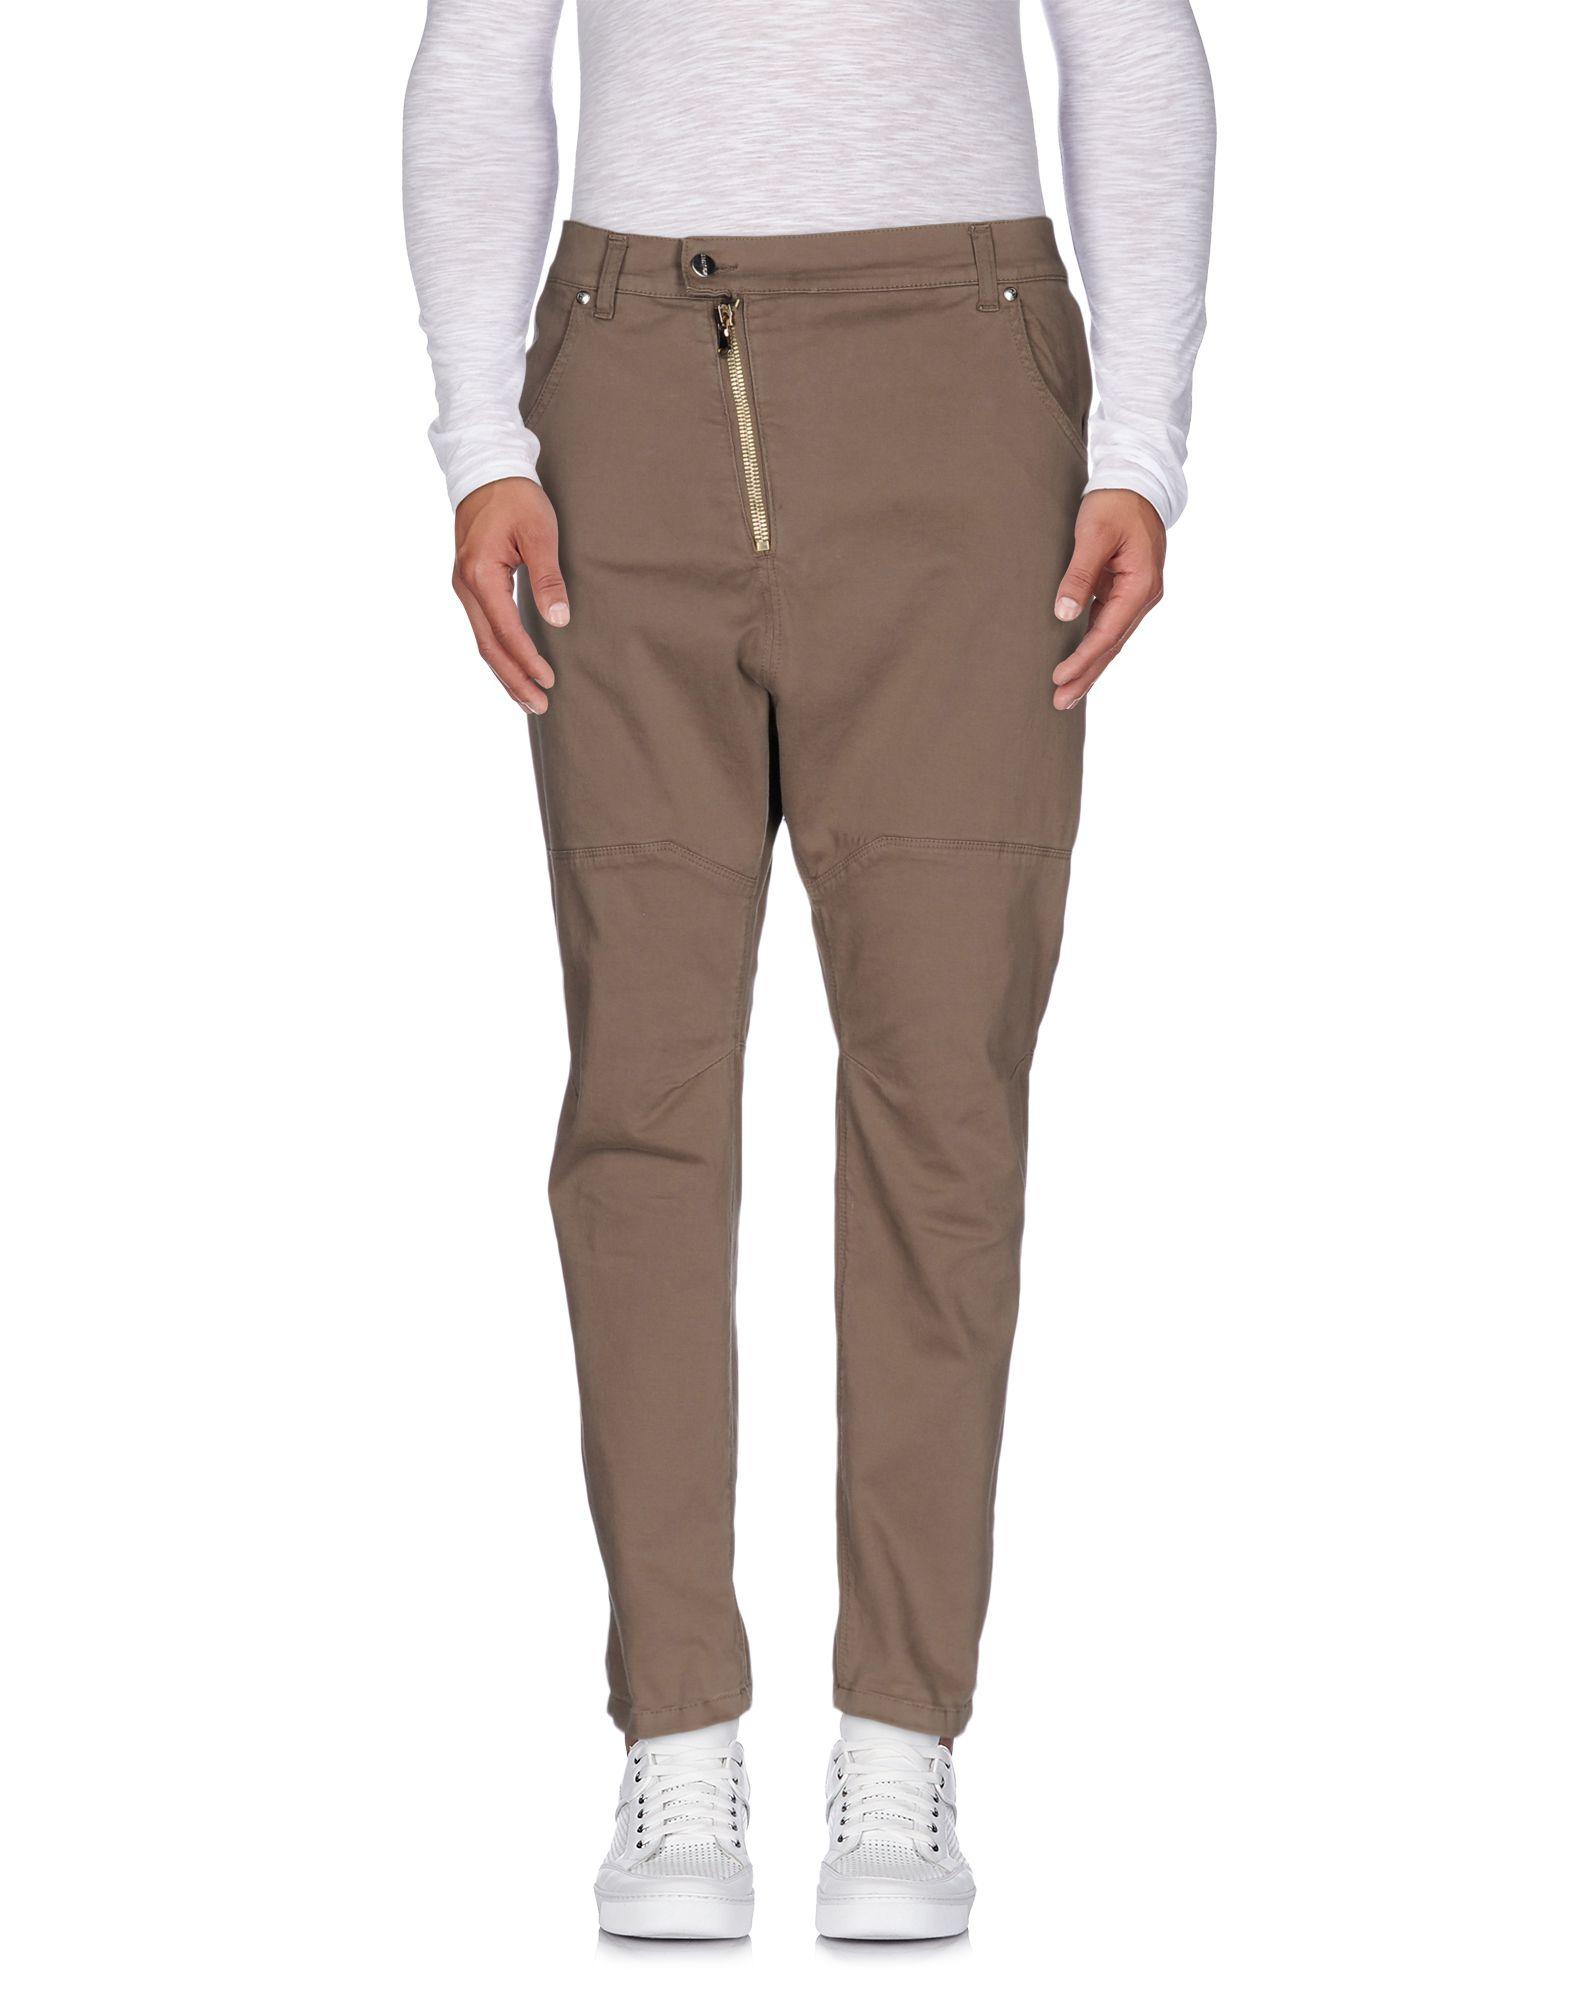 #OUTFIT Повседневные брюки newborn baby boy girl infant warm cotton outfit jumpsuit romper bodysuit clothes